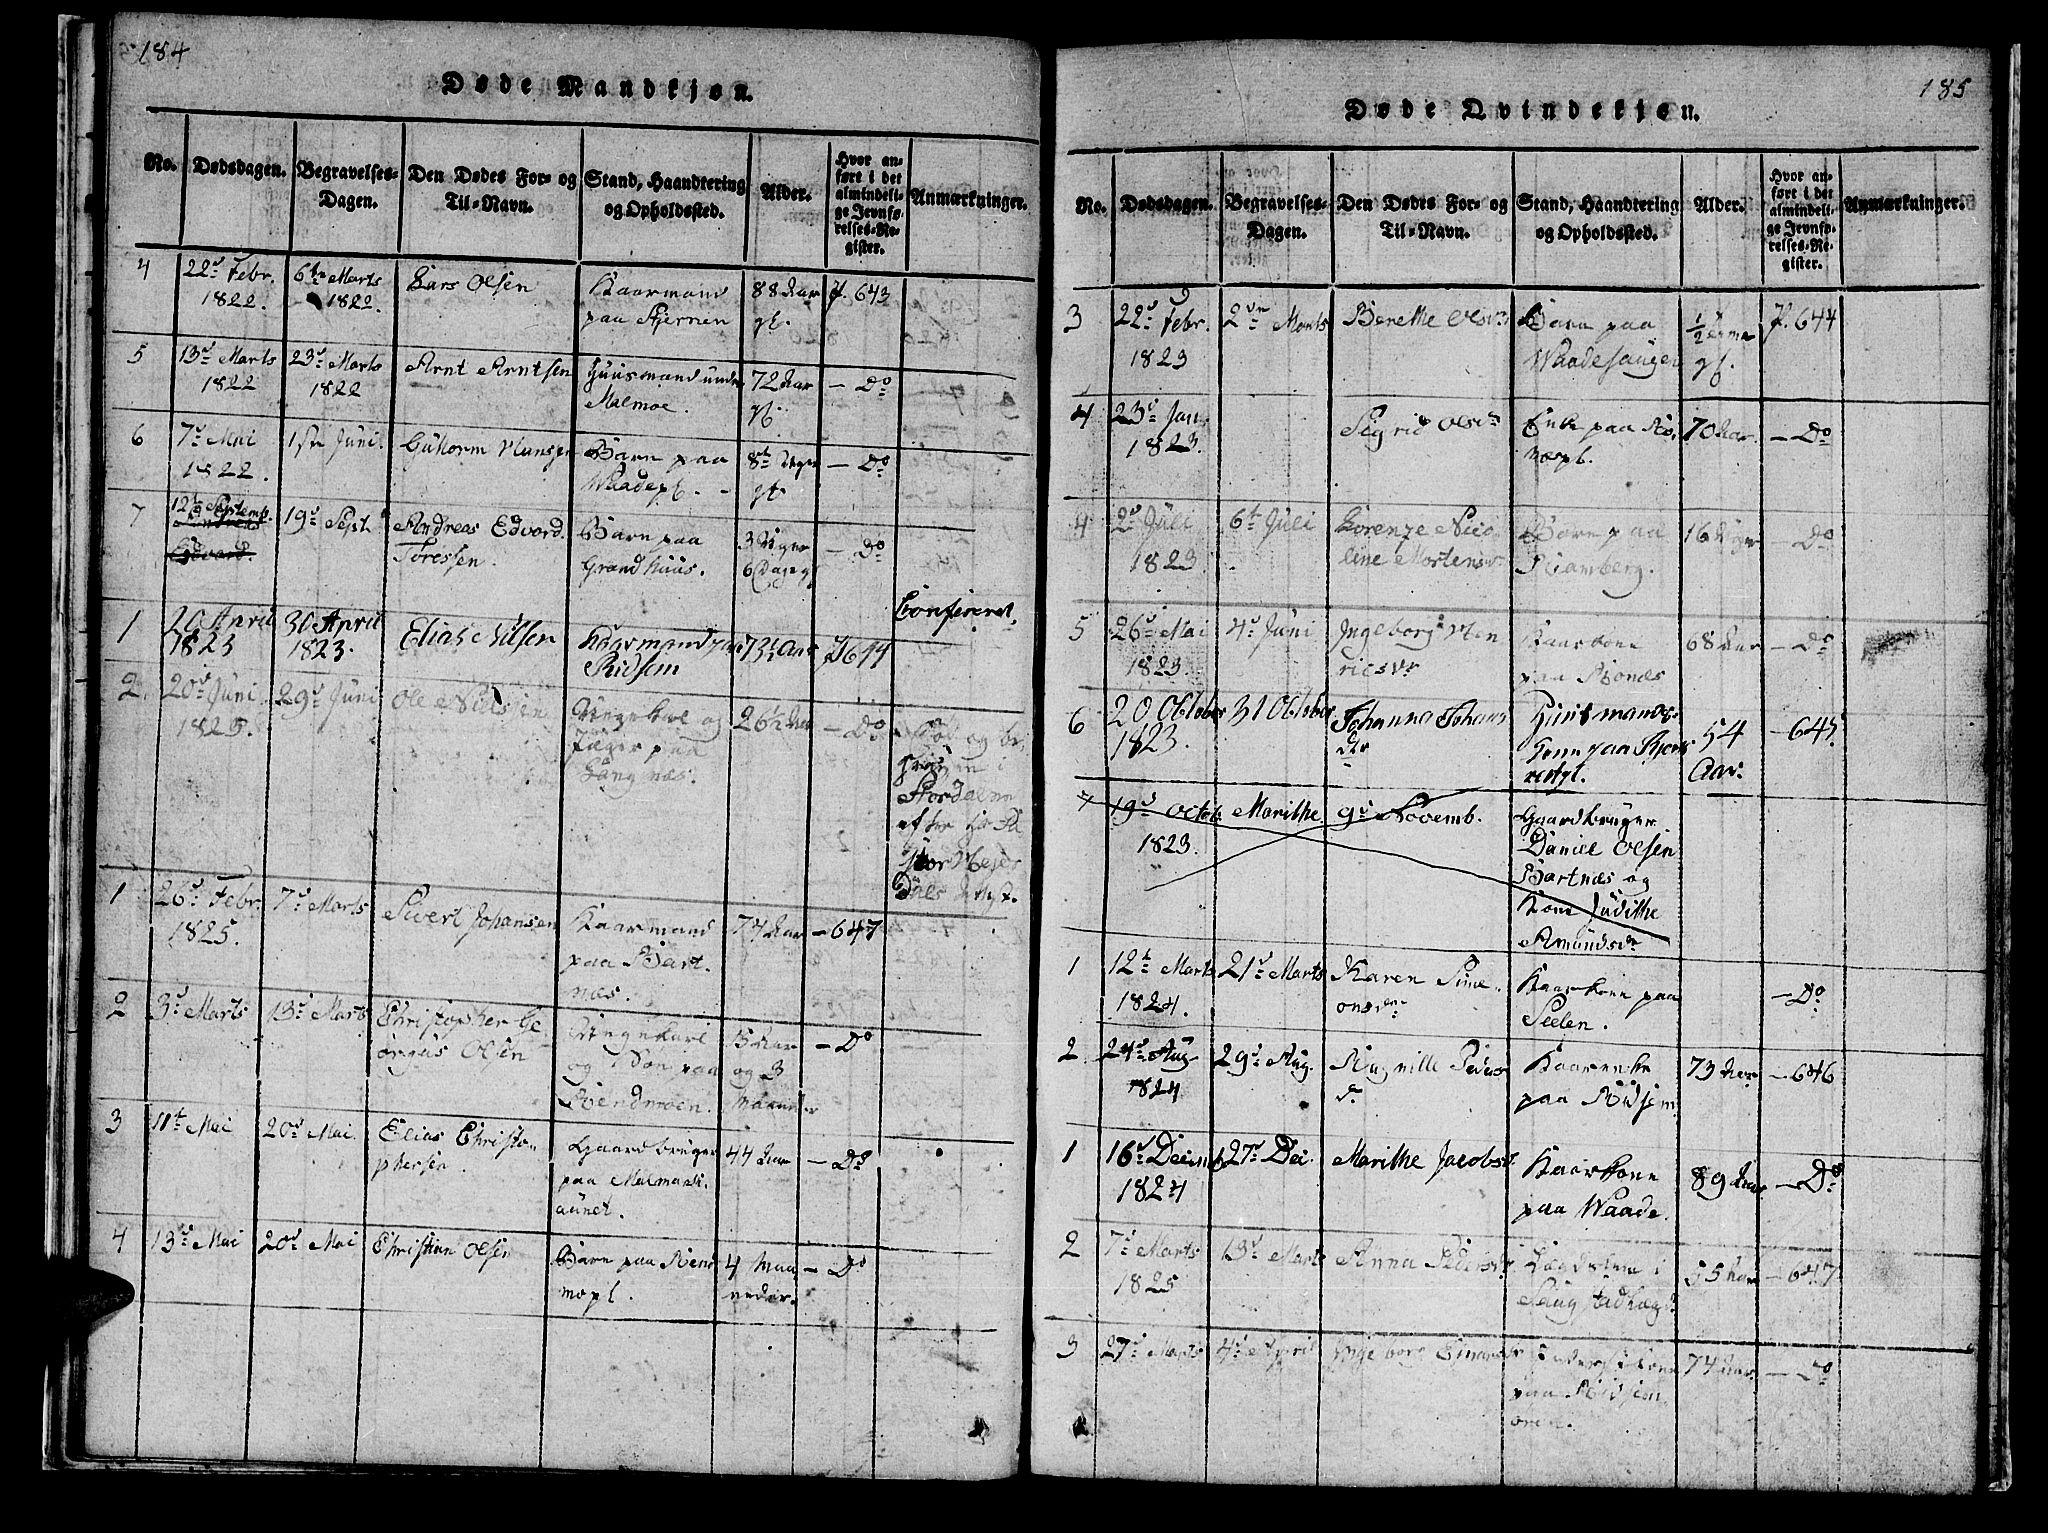 SAT, Ministerialprotokoller, klokkerbøker og fødselsregistre - Nord-Trøndelag, 745/L0433: Klokkerbok nr. 745C02, 1817-1825, s. 184-185